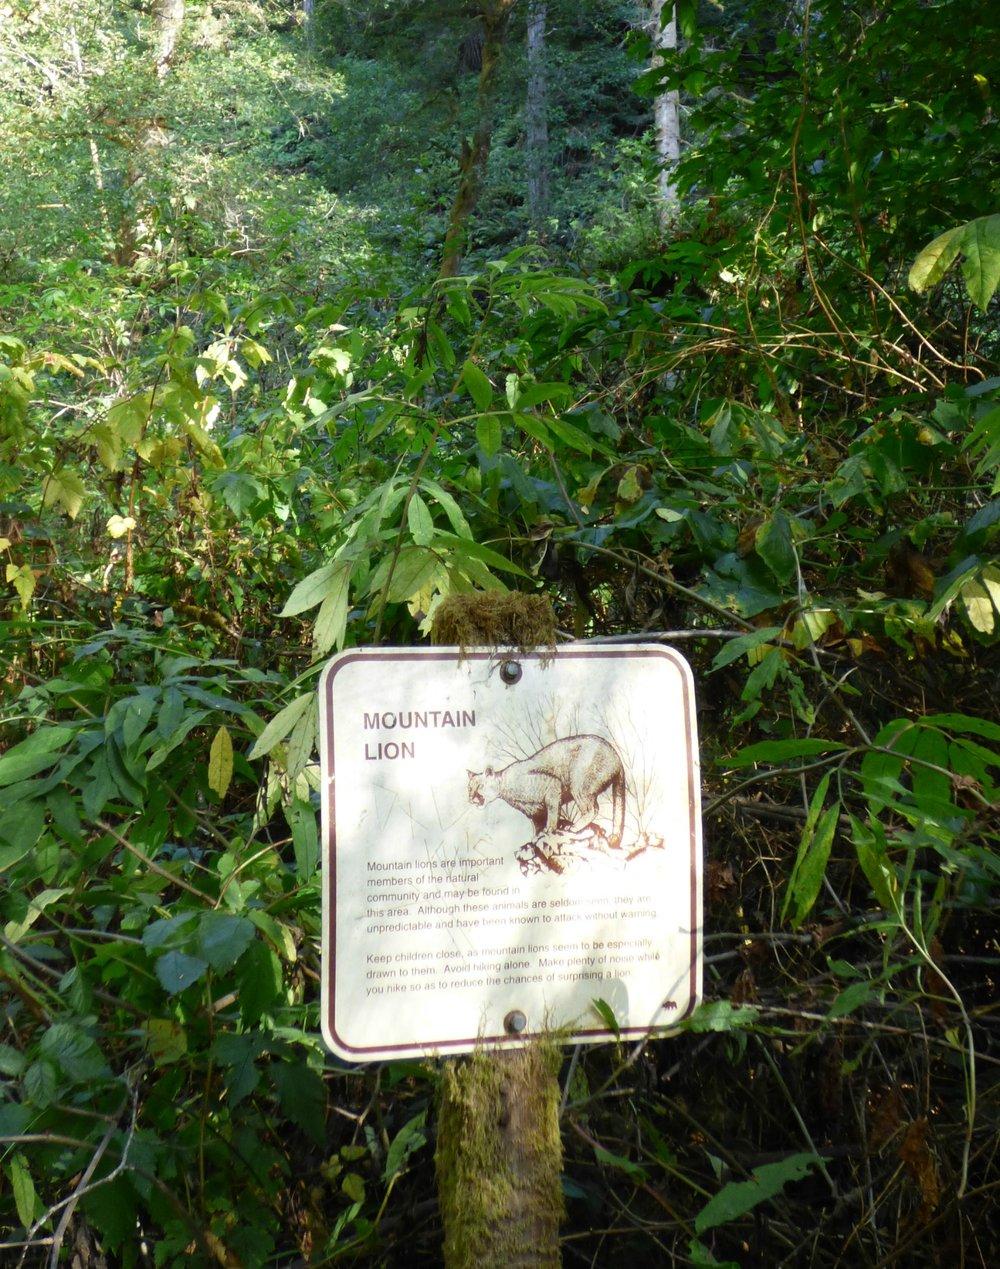 Kalifornian metsissä ja kukkuloilla on muutakin varottavaa kuin vain kasveja. Puumat liikkuvat lähinnä vain pimeällä mutta ovat arvaamattomia.